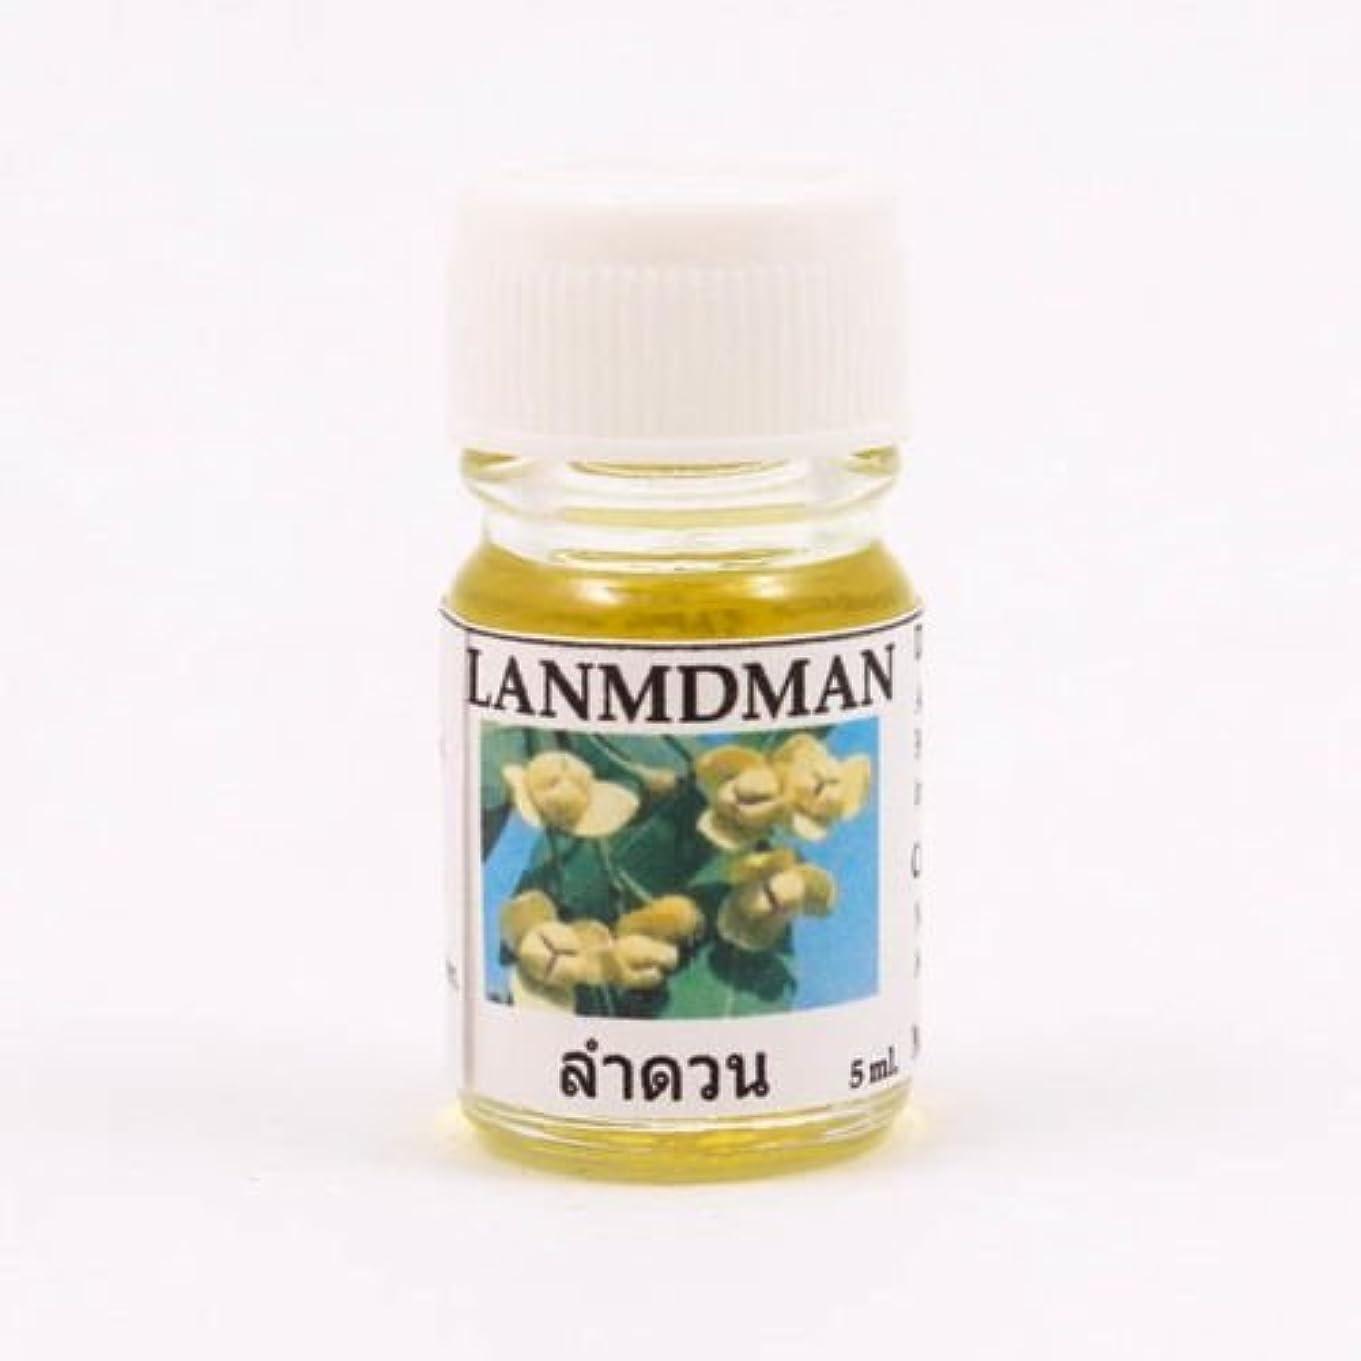 本土汚染されたメイン6X Lanmdman Aroma Fragrance Essential Oil 5ML. cc Diffuser Burner Therapy